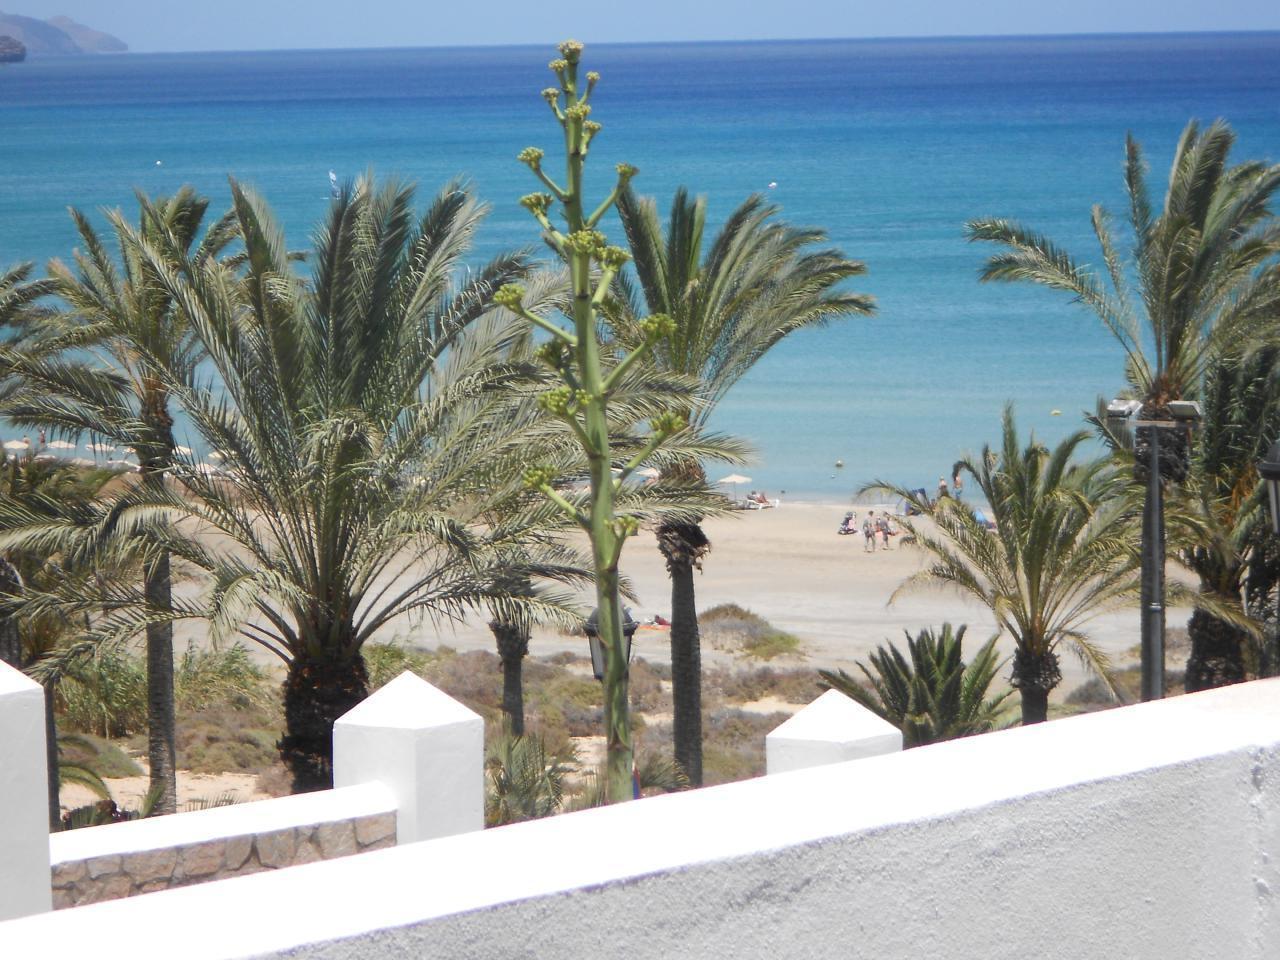 Ferienwohnung Costa Calma mit privatem Garten direkt am Strand (1851118), Costa Calma, Fuerteventura, Kanarische Inseln, Spanien, Bild 12